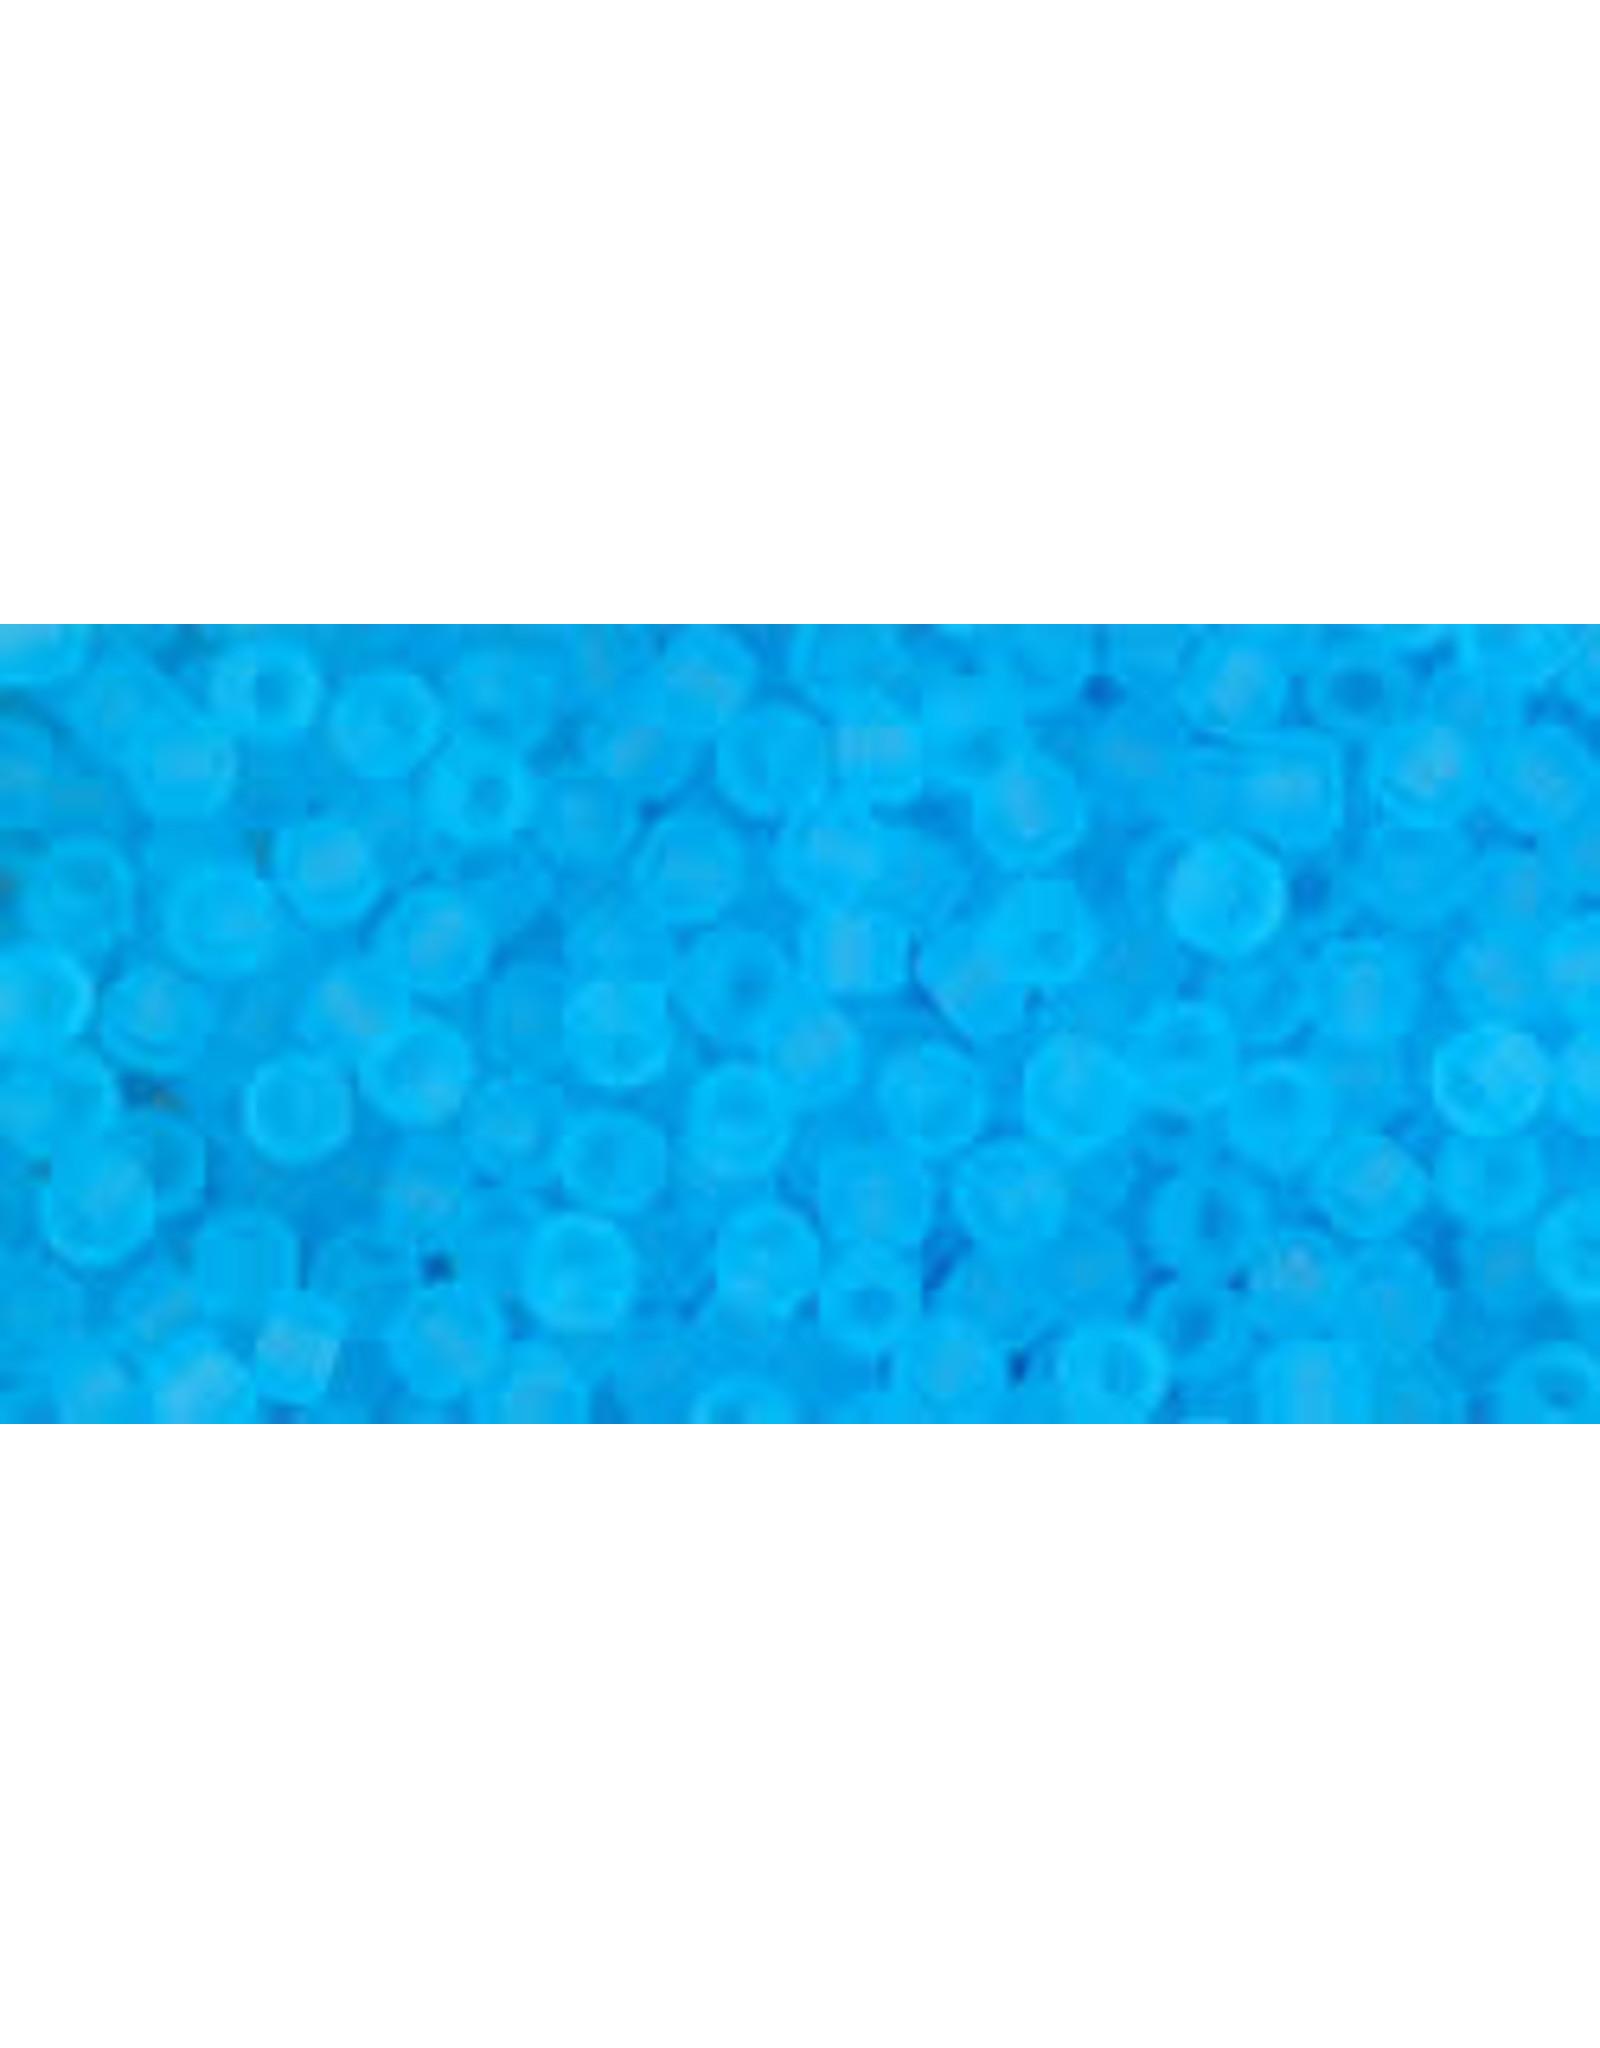 Toho 3fB 11  Round 40g  Transparent Aqua Blue Matte